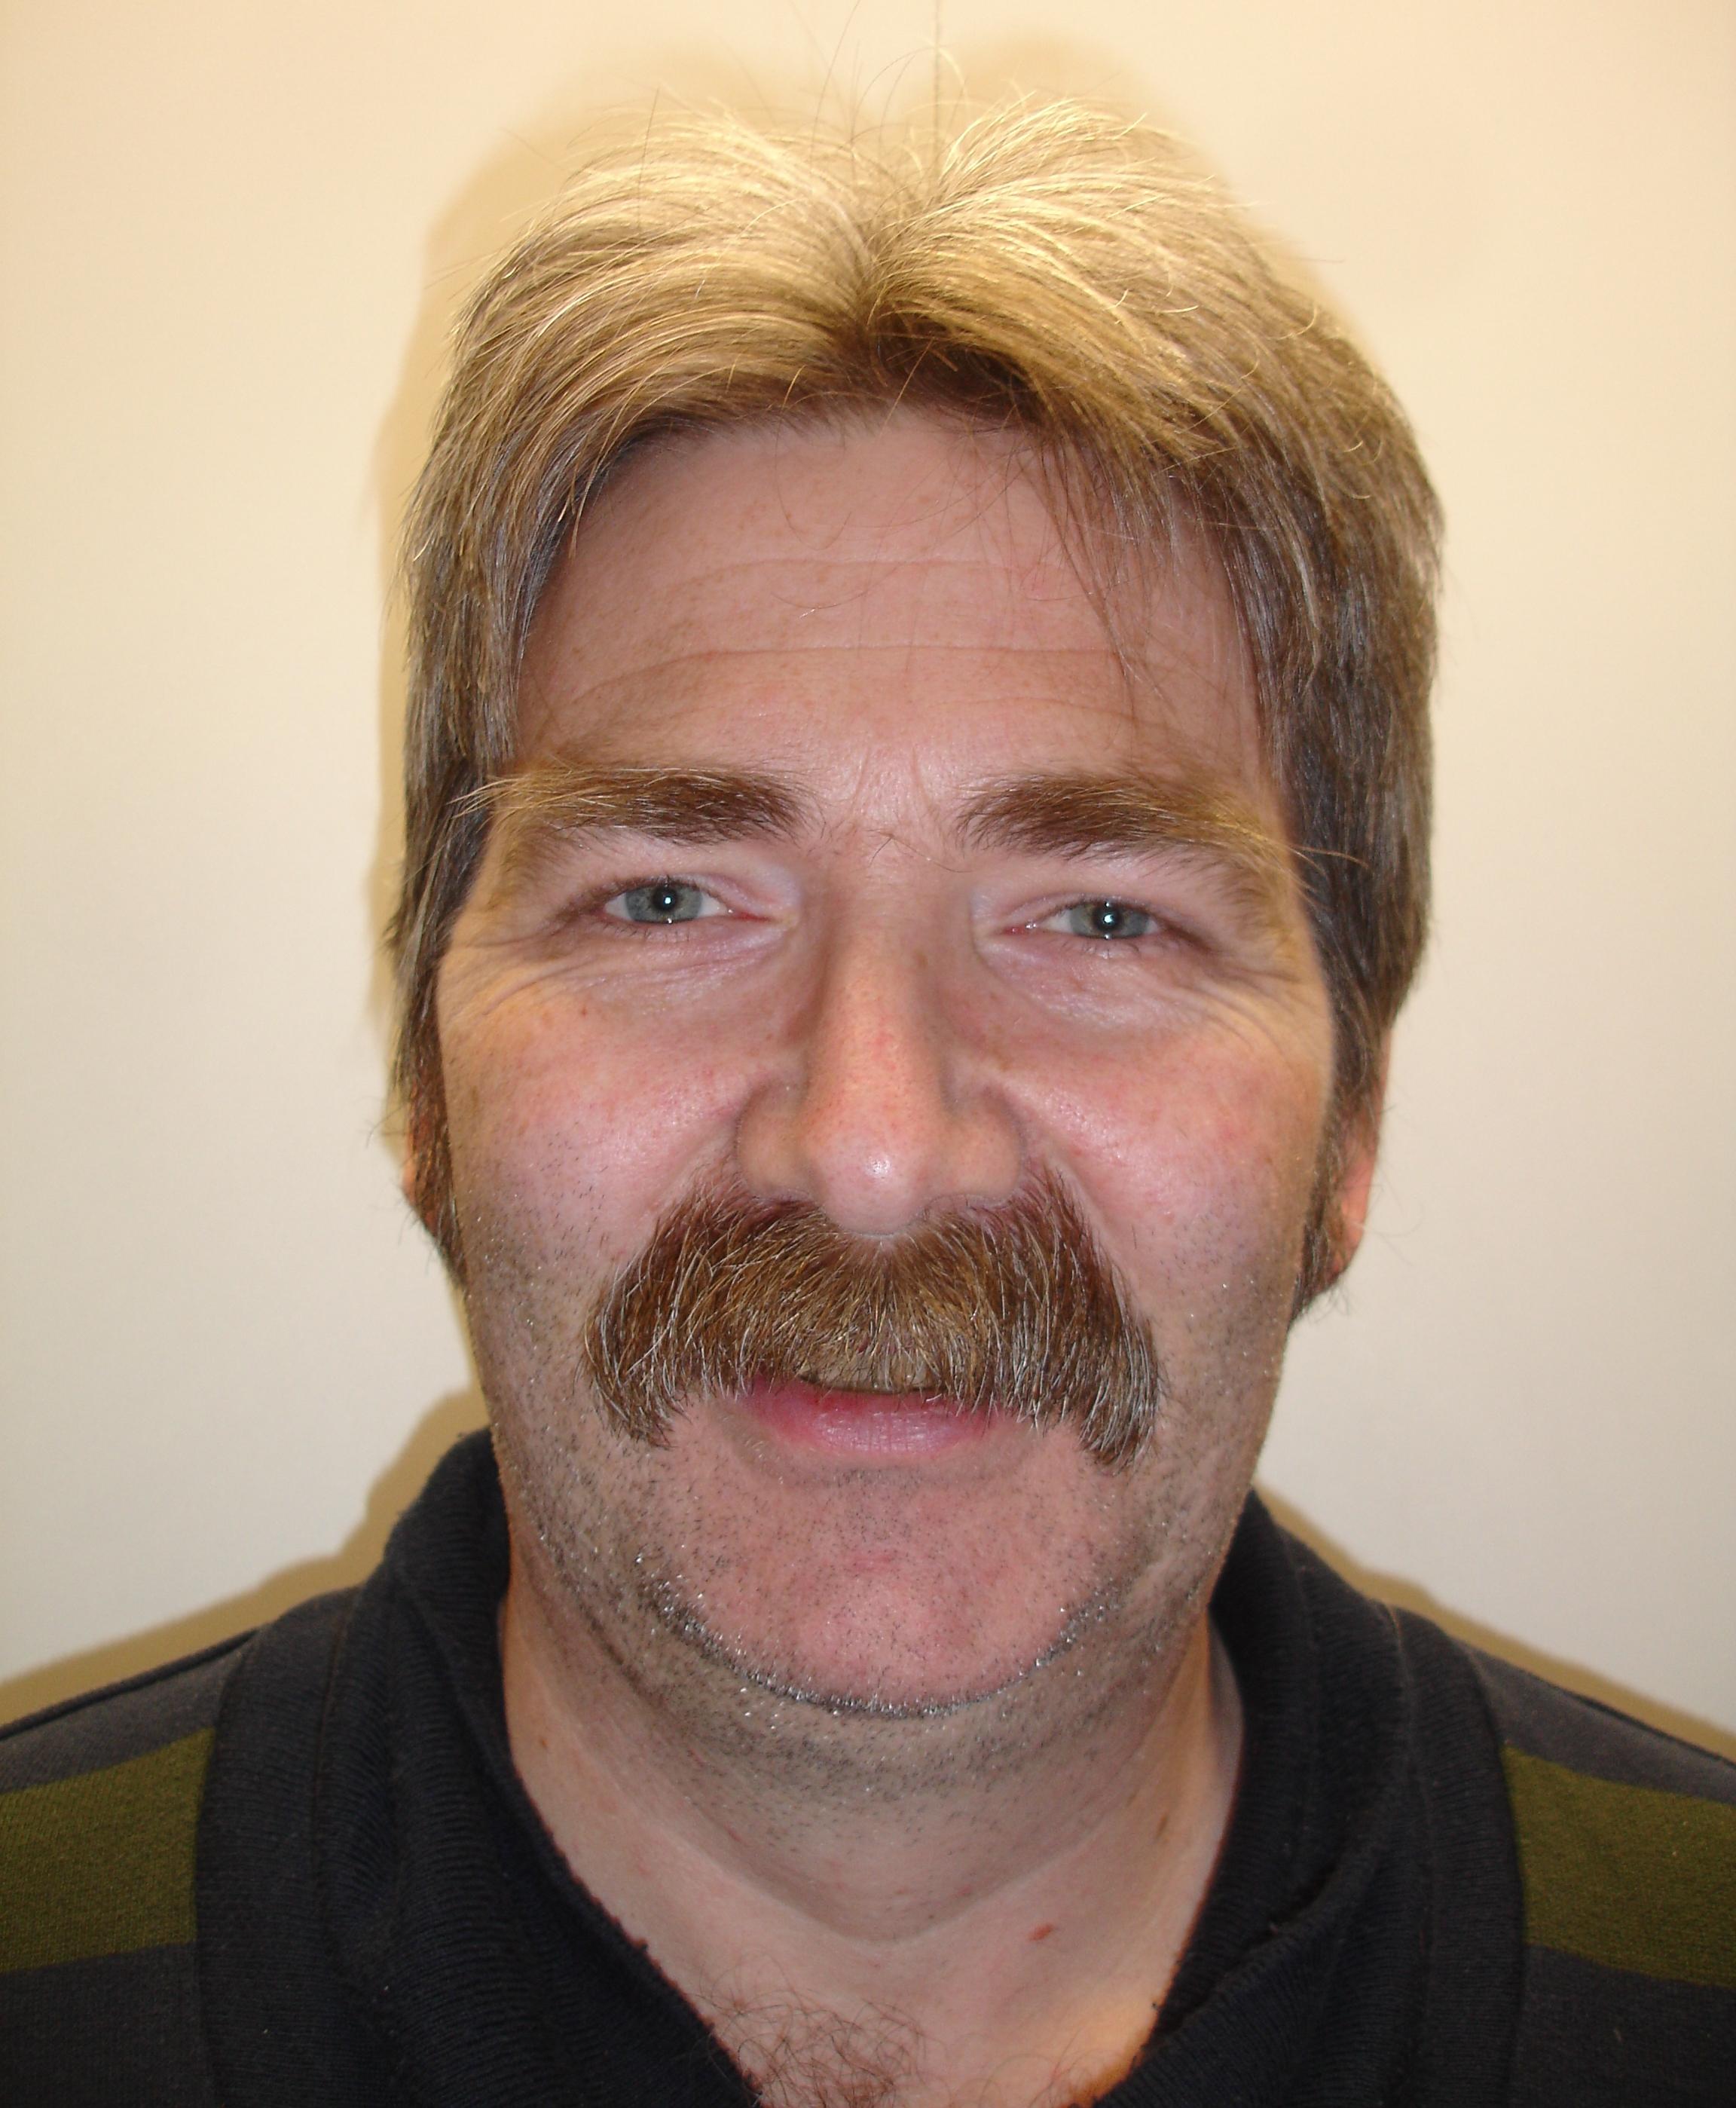 Olaf K. Wirum